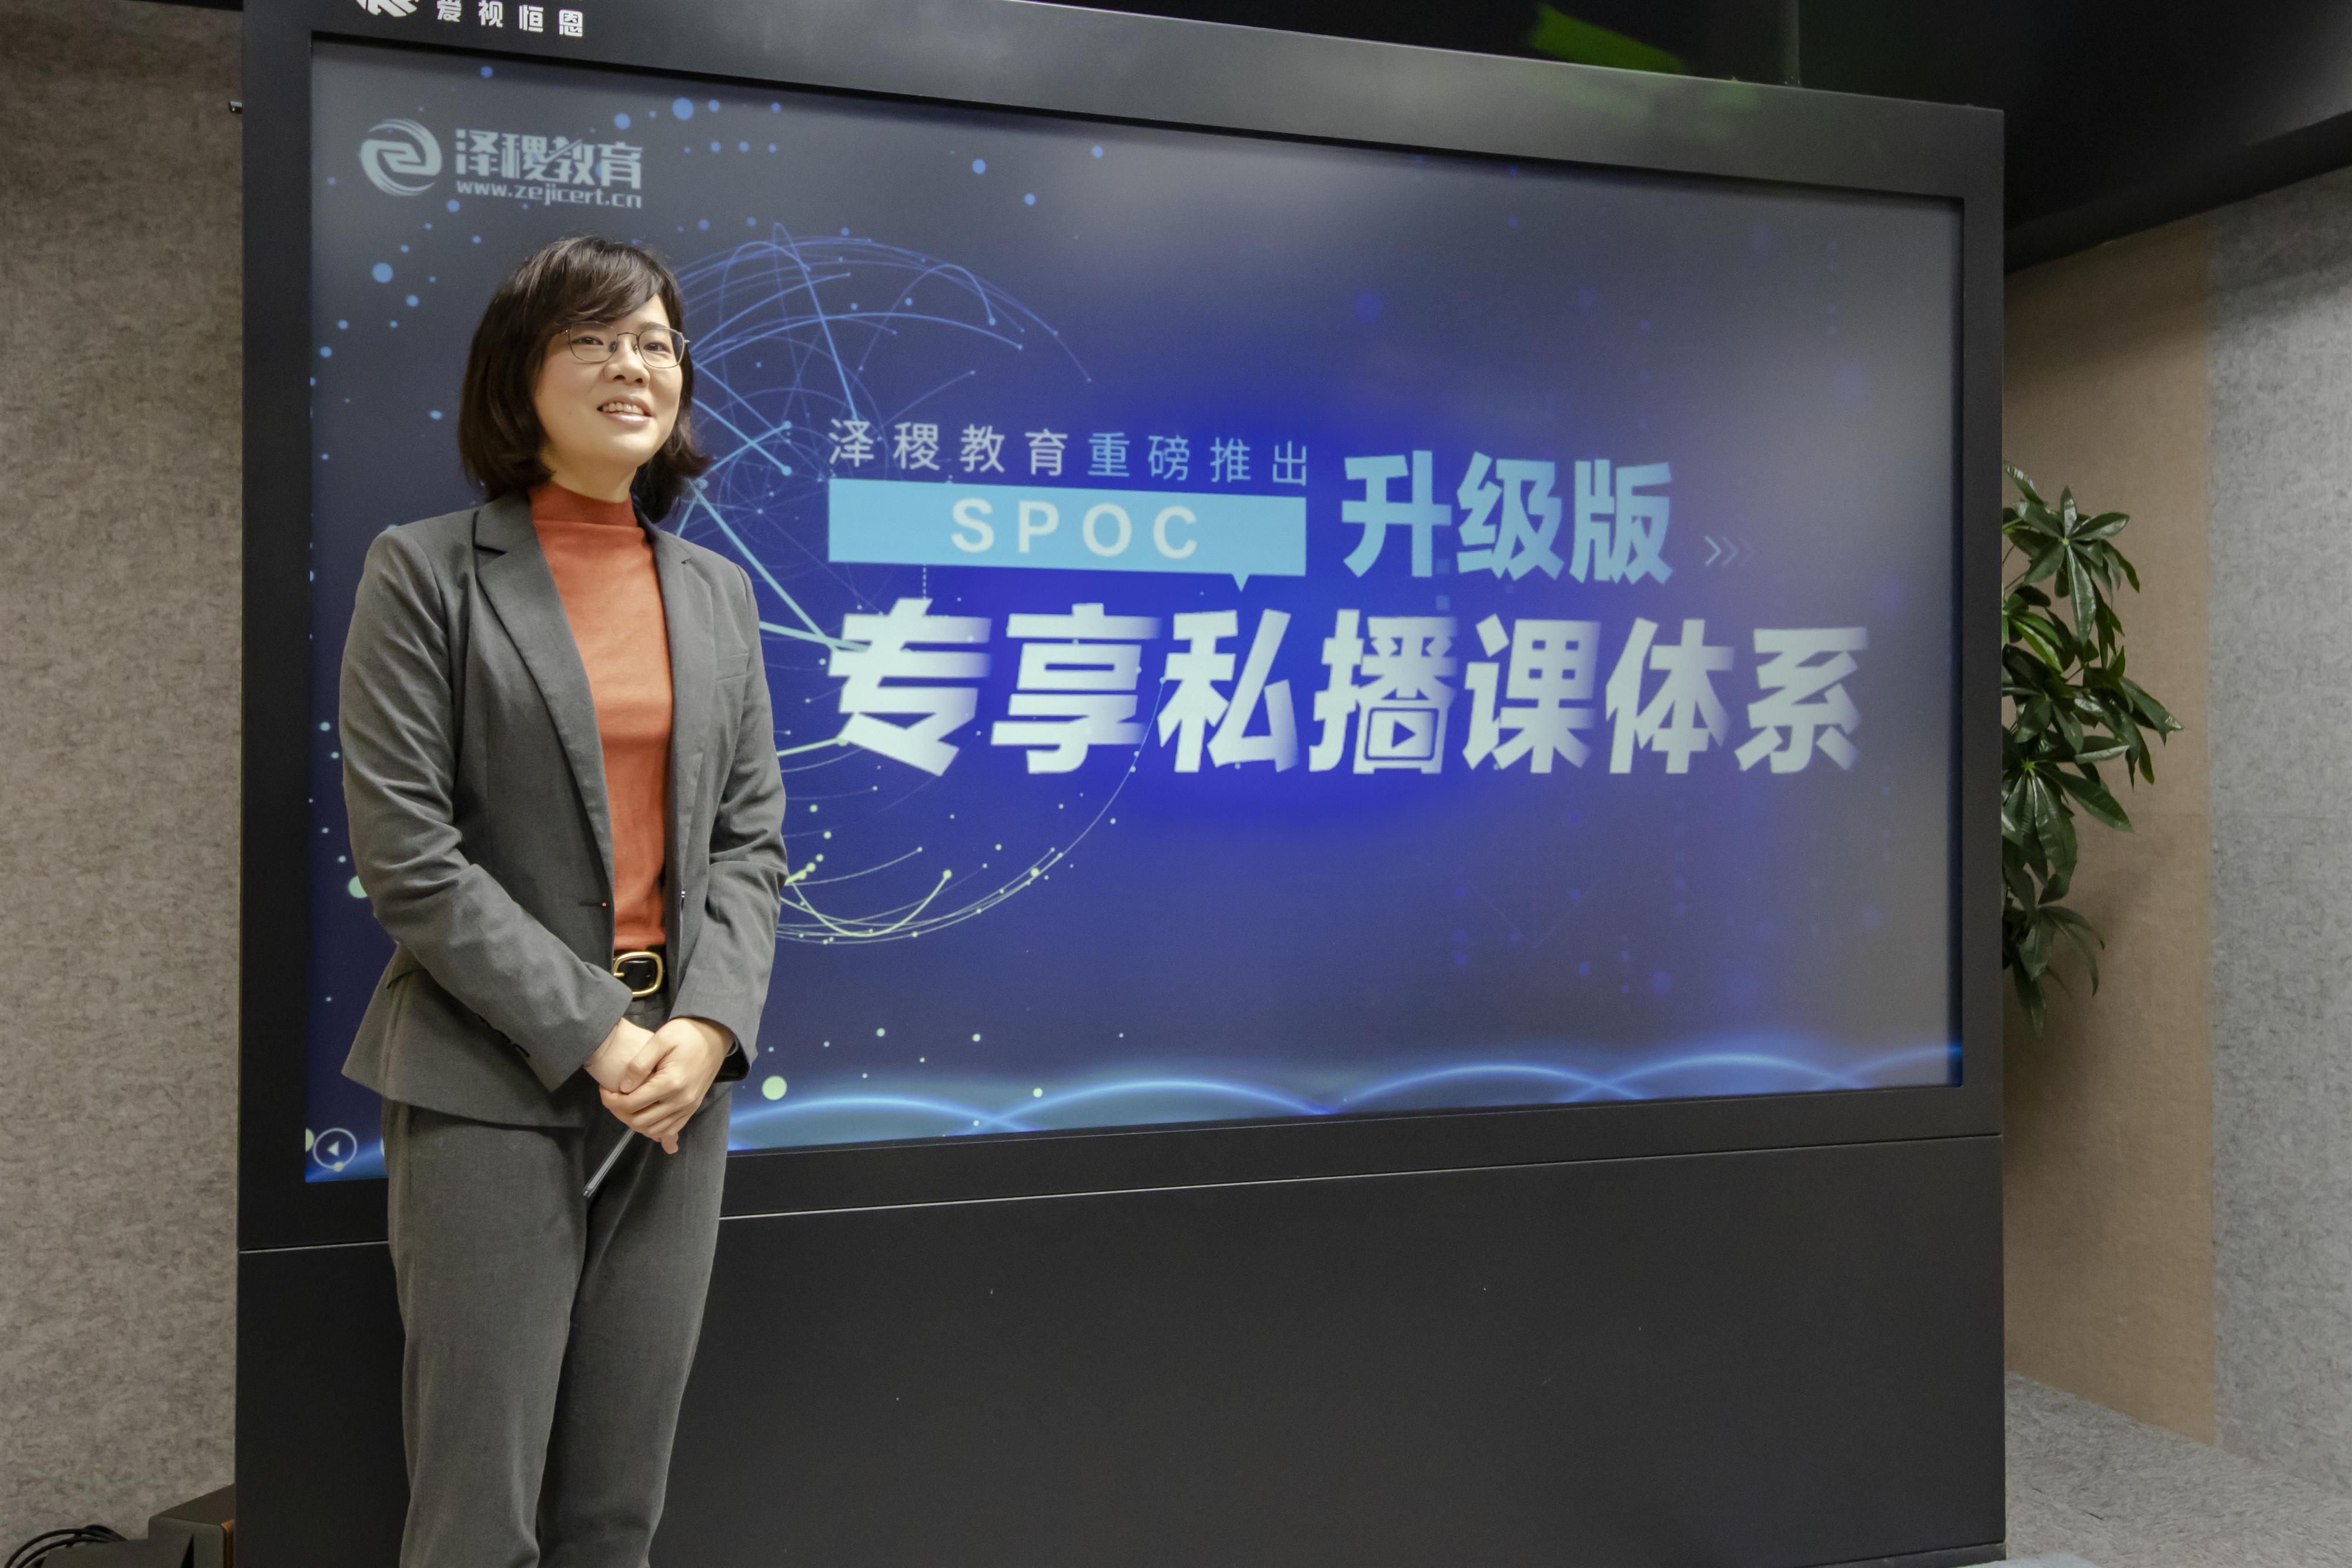 热烈祝贺泽稷网校专享私播课体系(SPOC)全球发布会成功举办